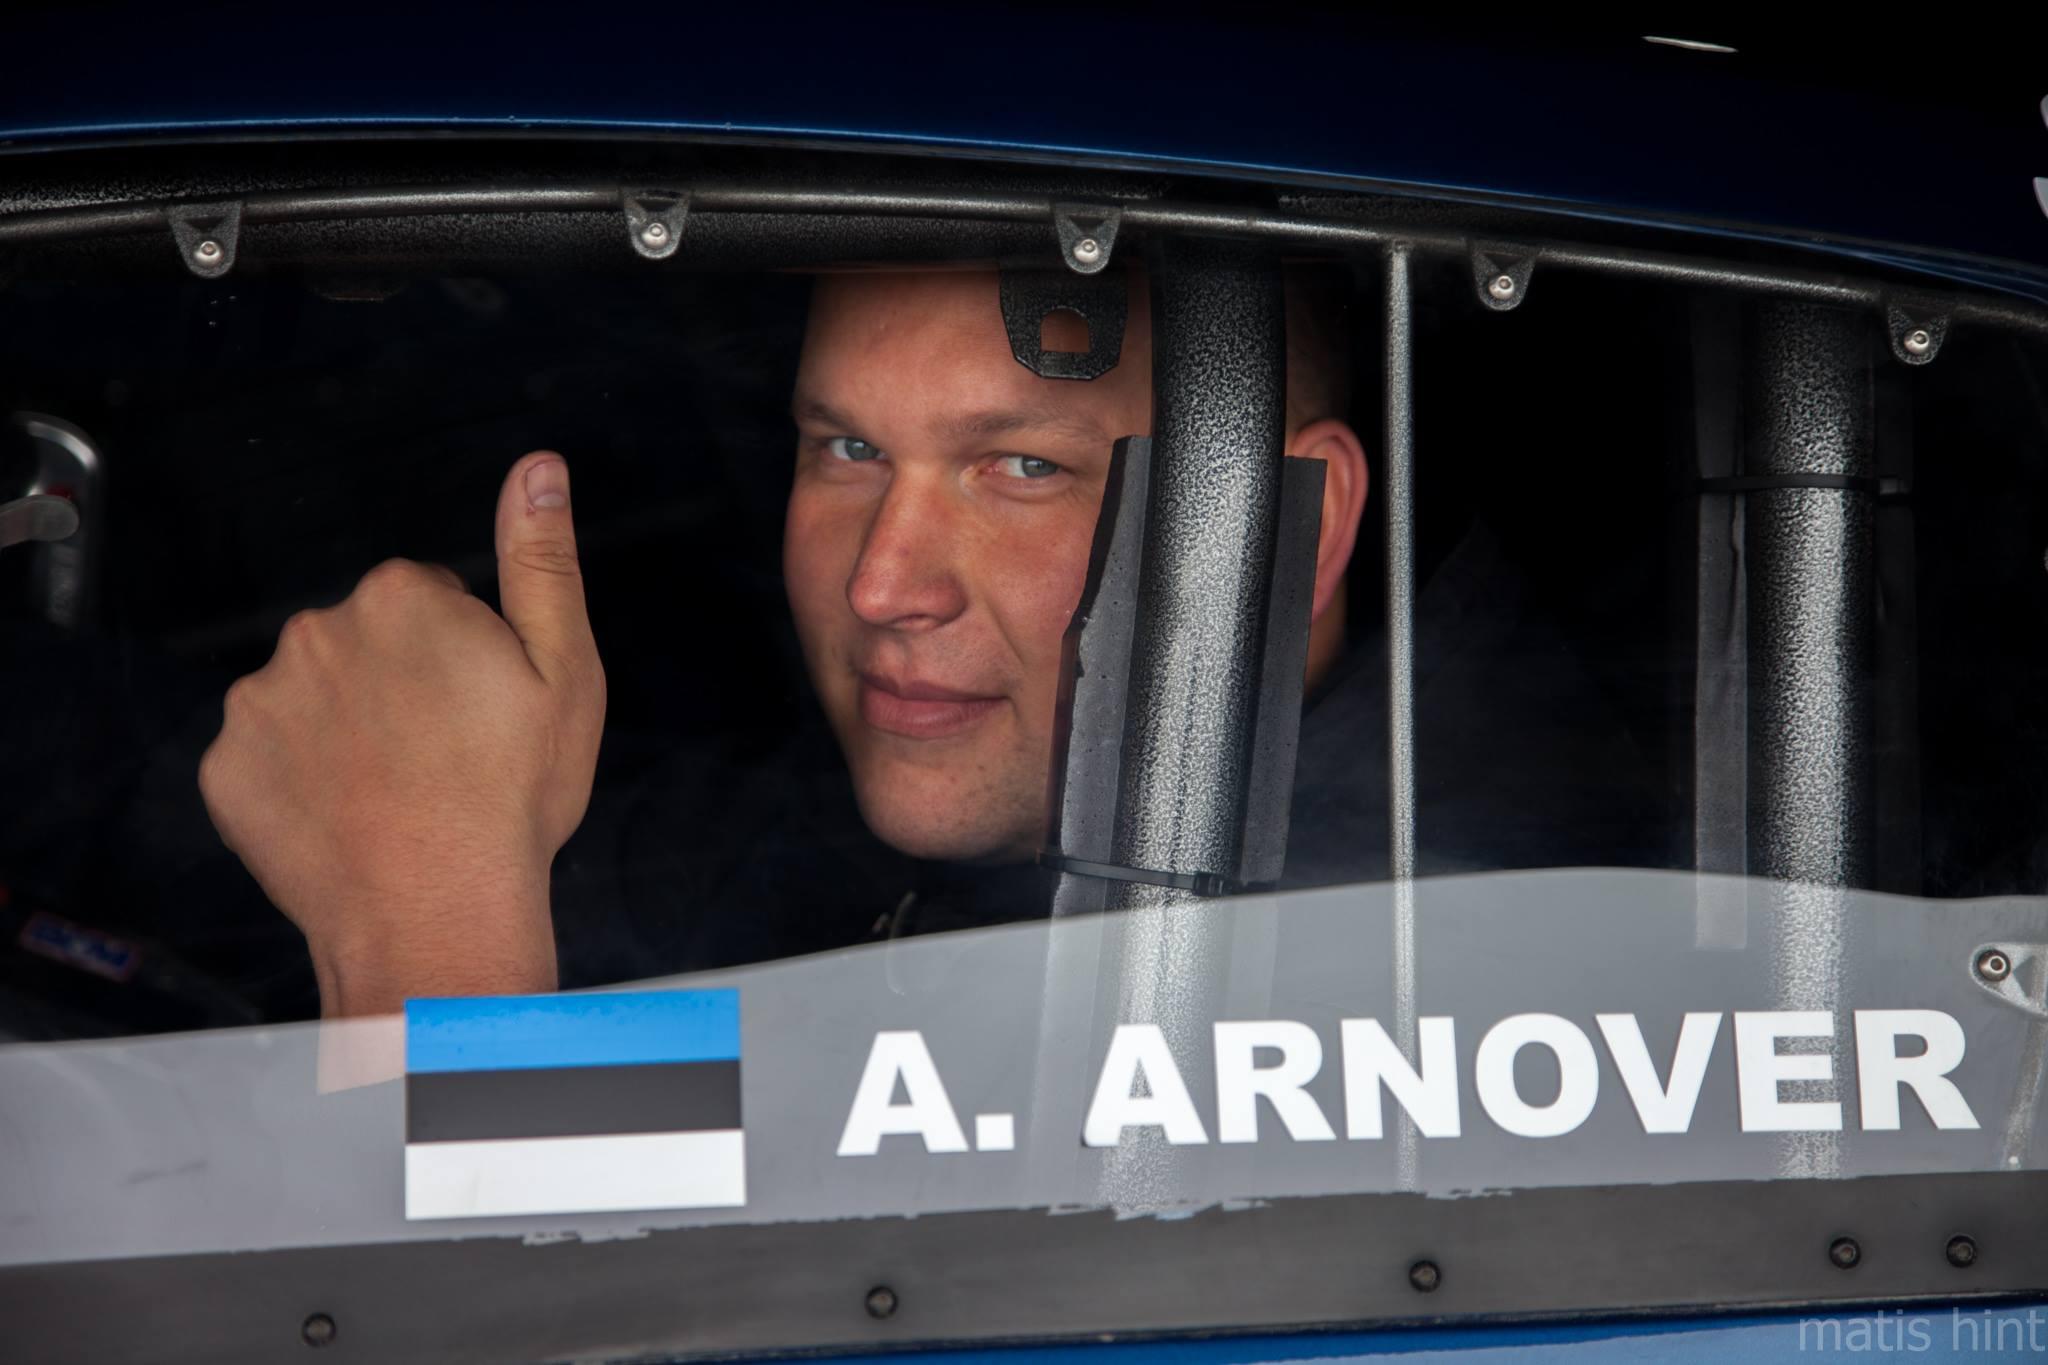 MAAILMA REKORD! Eesti kiirendaja Andres Arnover sõitis maailmarekordi